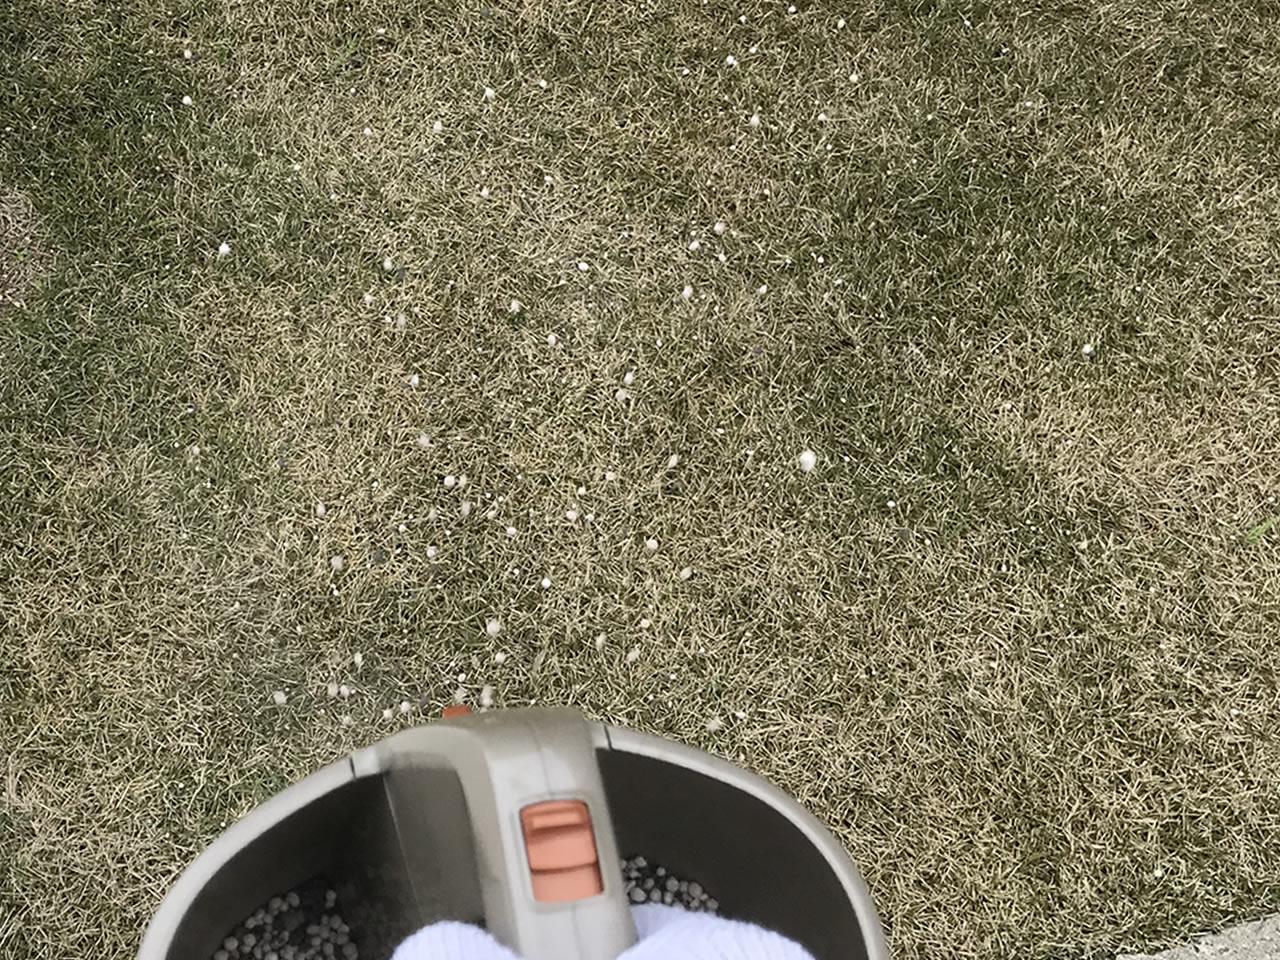 スプレッダーで肥料を散布